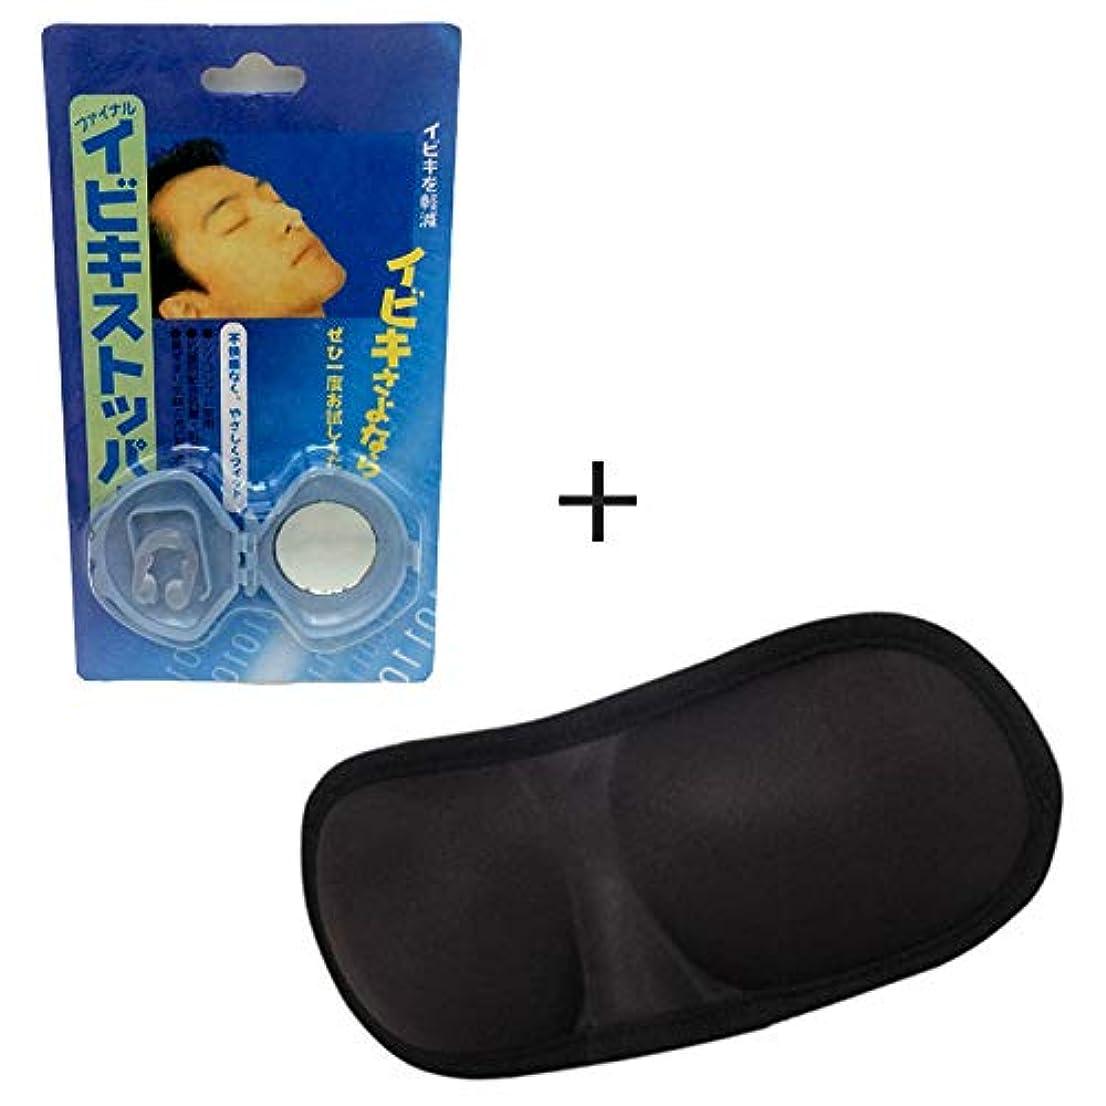 店主ニコチン不格好NOTE いびき防止装置鼻クリップは睡眠装置がいびきを止めるのを助けるアイマスク睡眠シェード通気性3dアイプロテクション